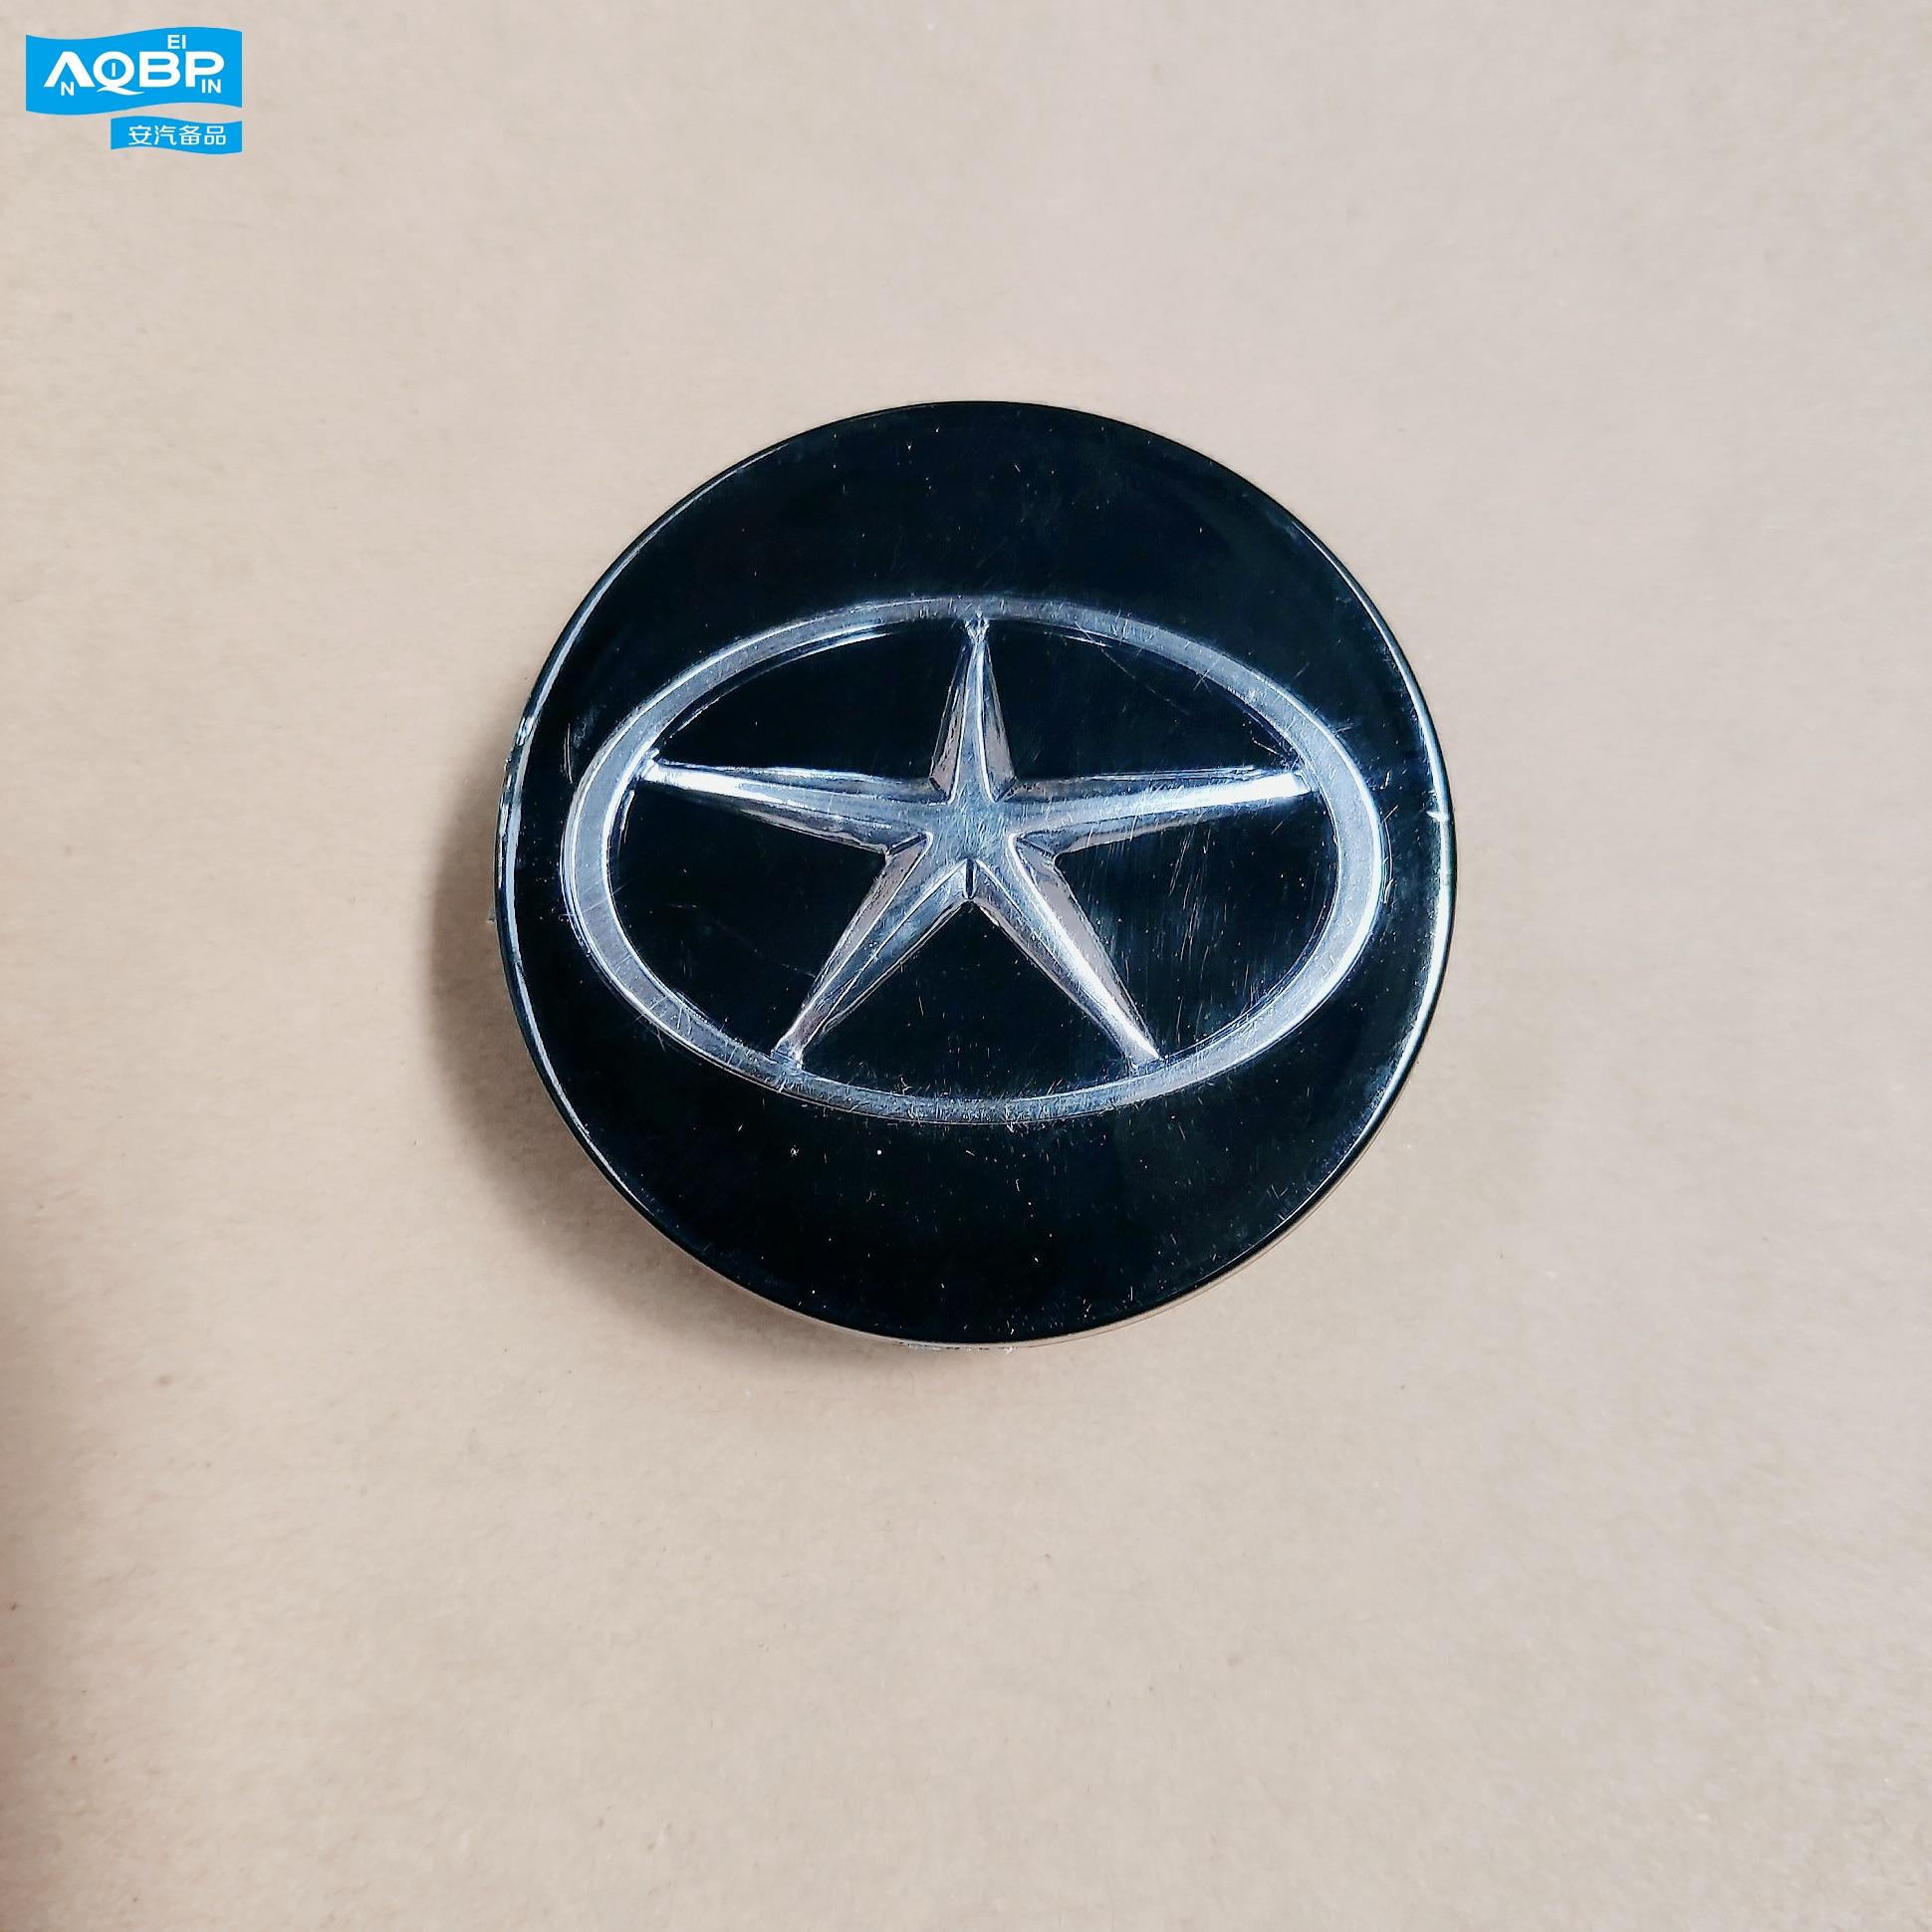 Автозапчасти oe номер 3101120U1510 для JAC S2 S5 крышка колеса/маленький|Колпаки ступицы|   | АлиЭкспресс